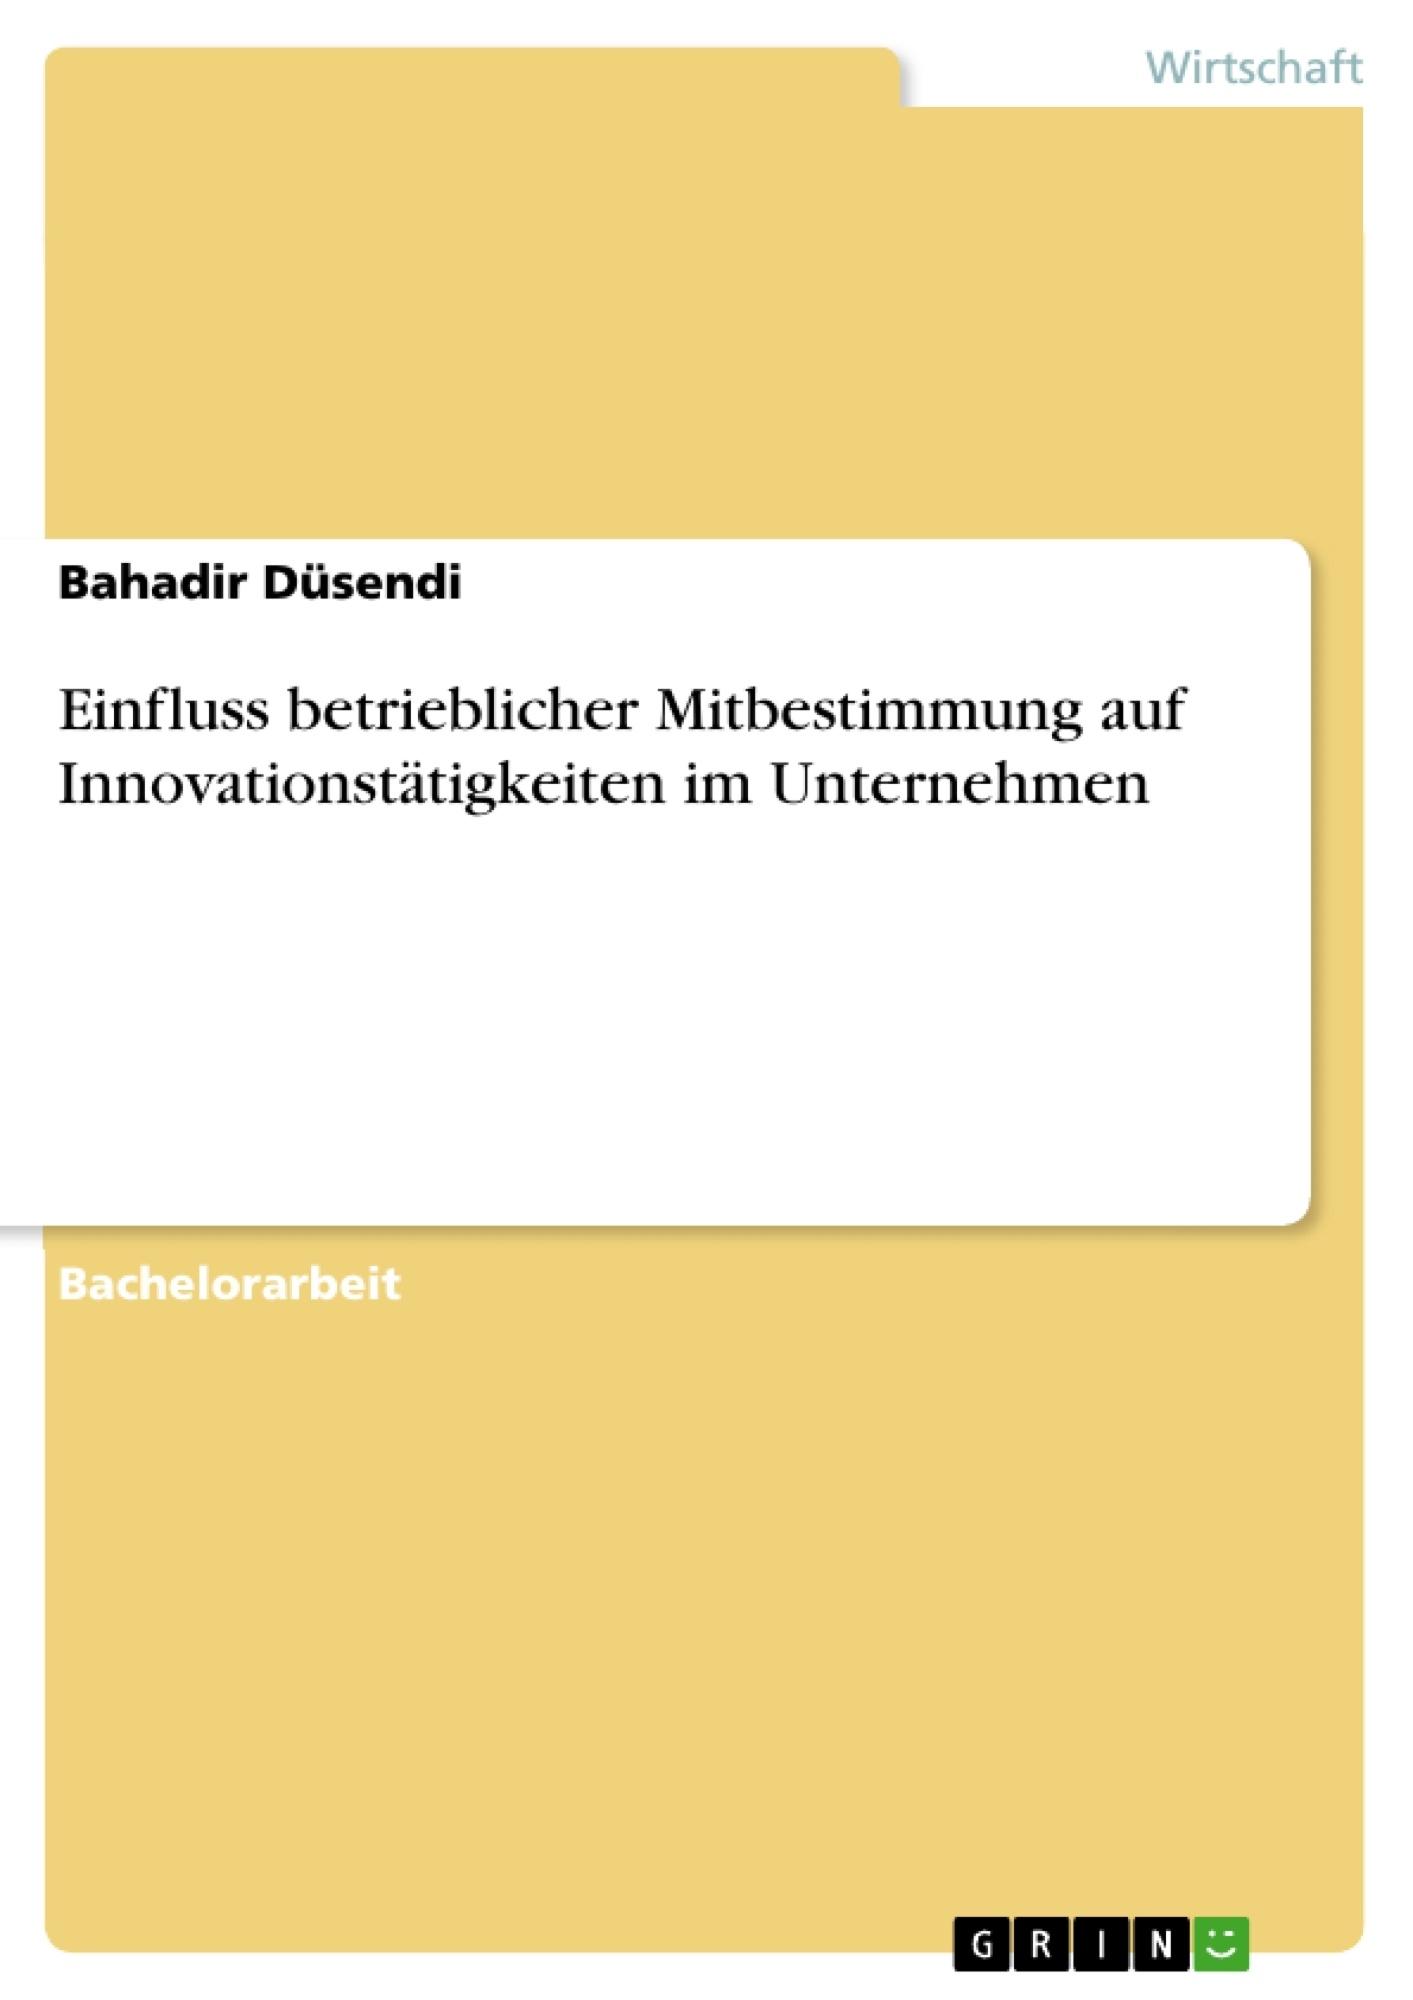 Titel: Einfluss betrieblicher Mitbestimmung auf Innovationstätigkeiten im Unternehmen